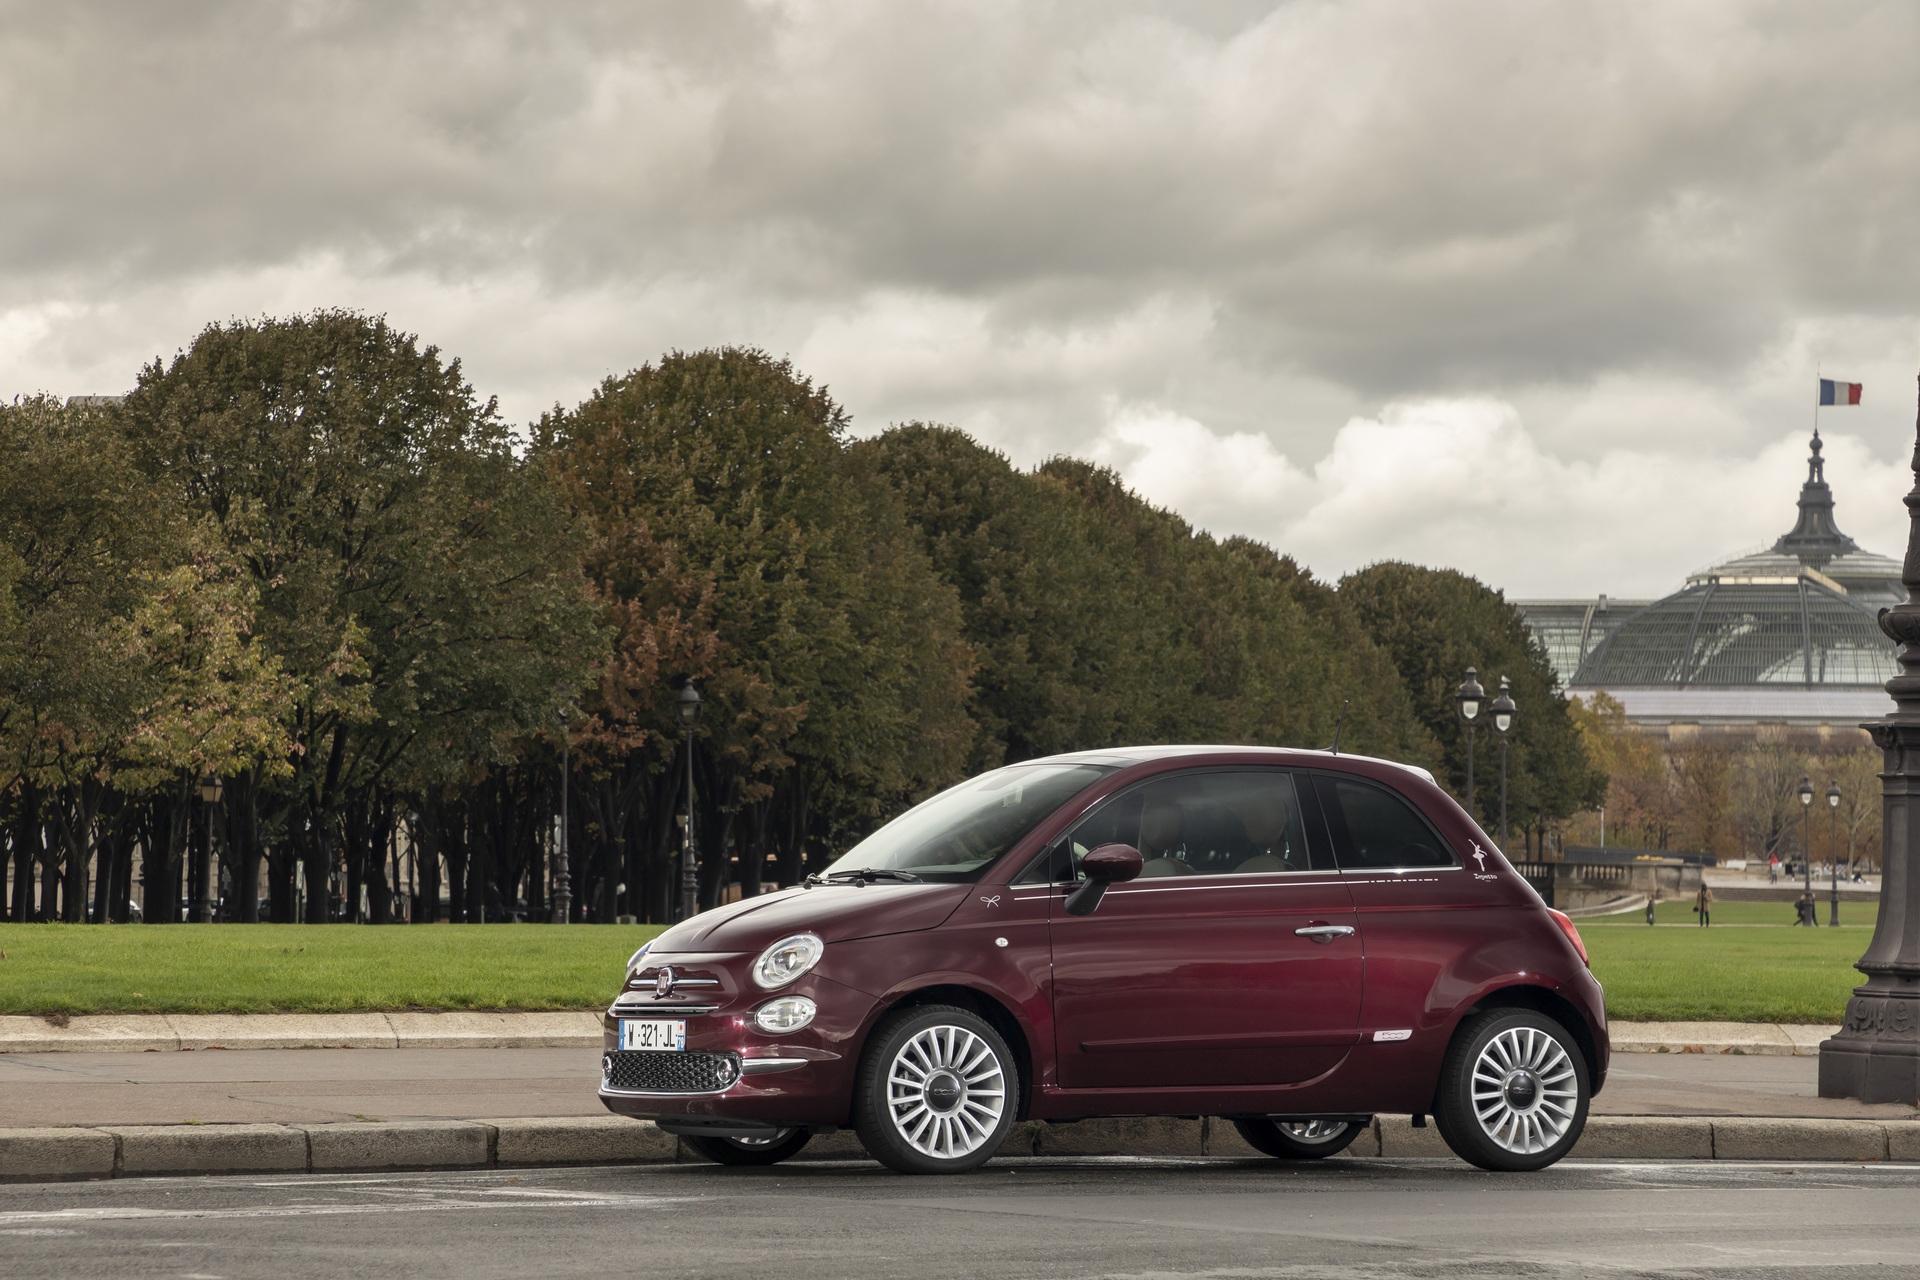 Fiat_500_Repetto_0009